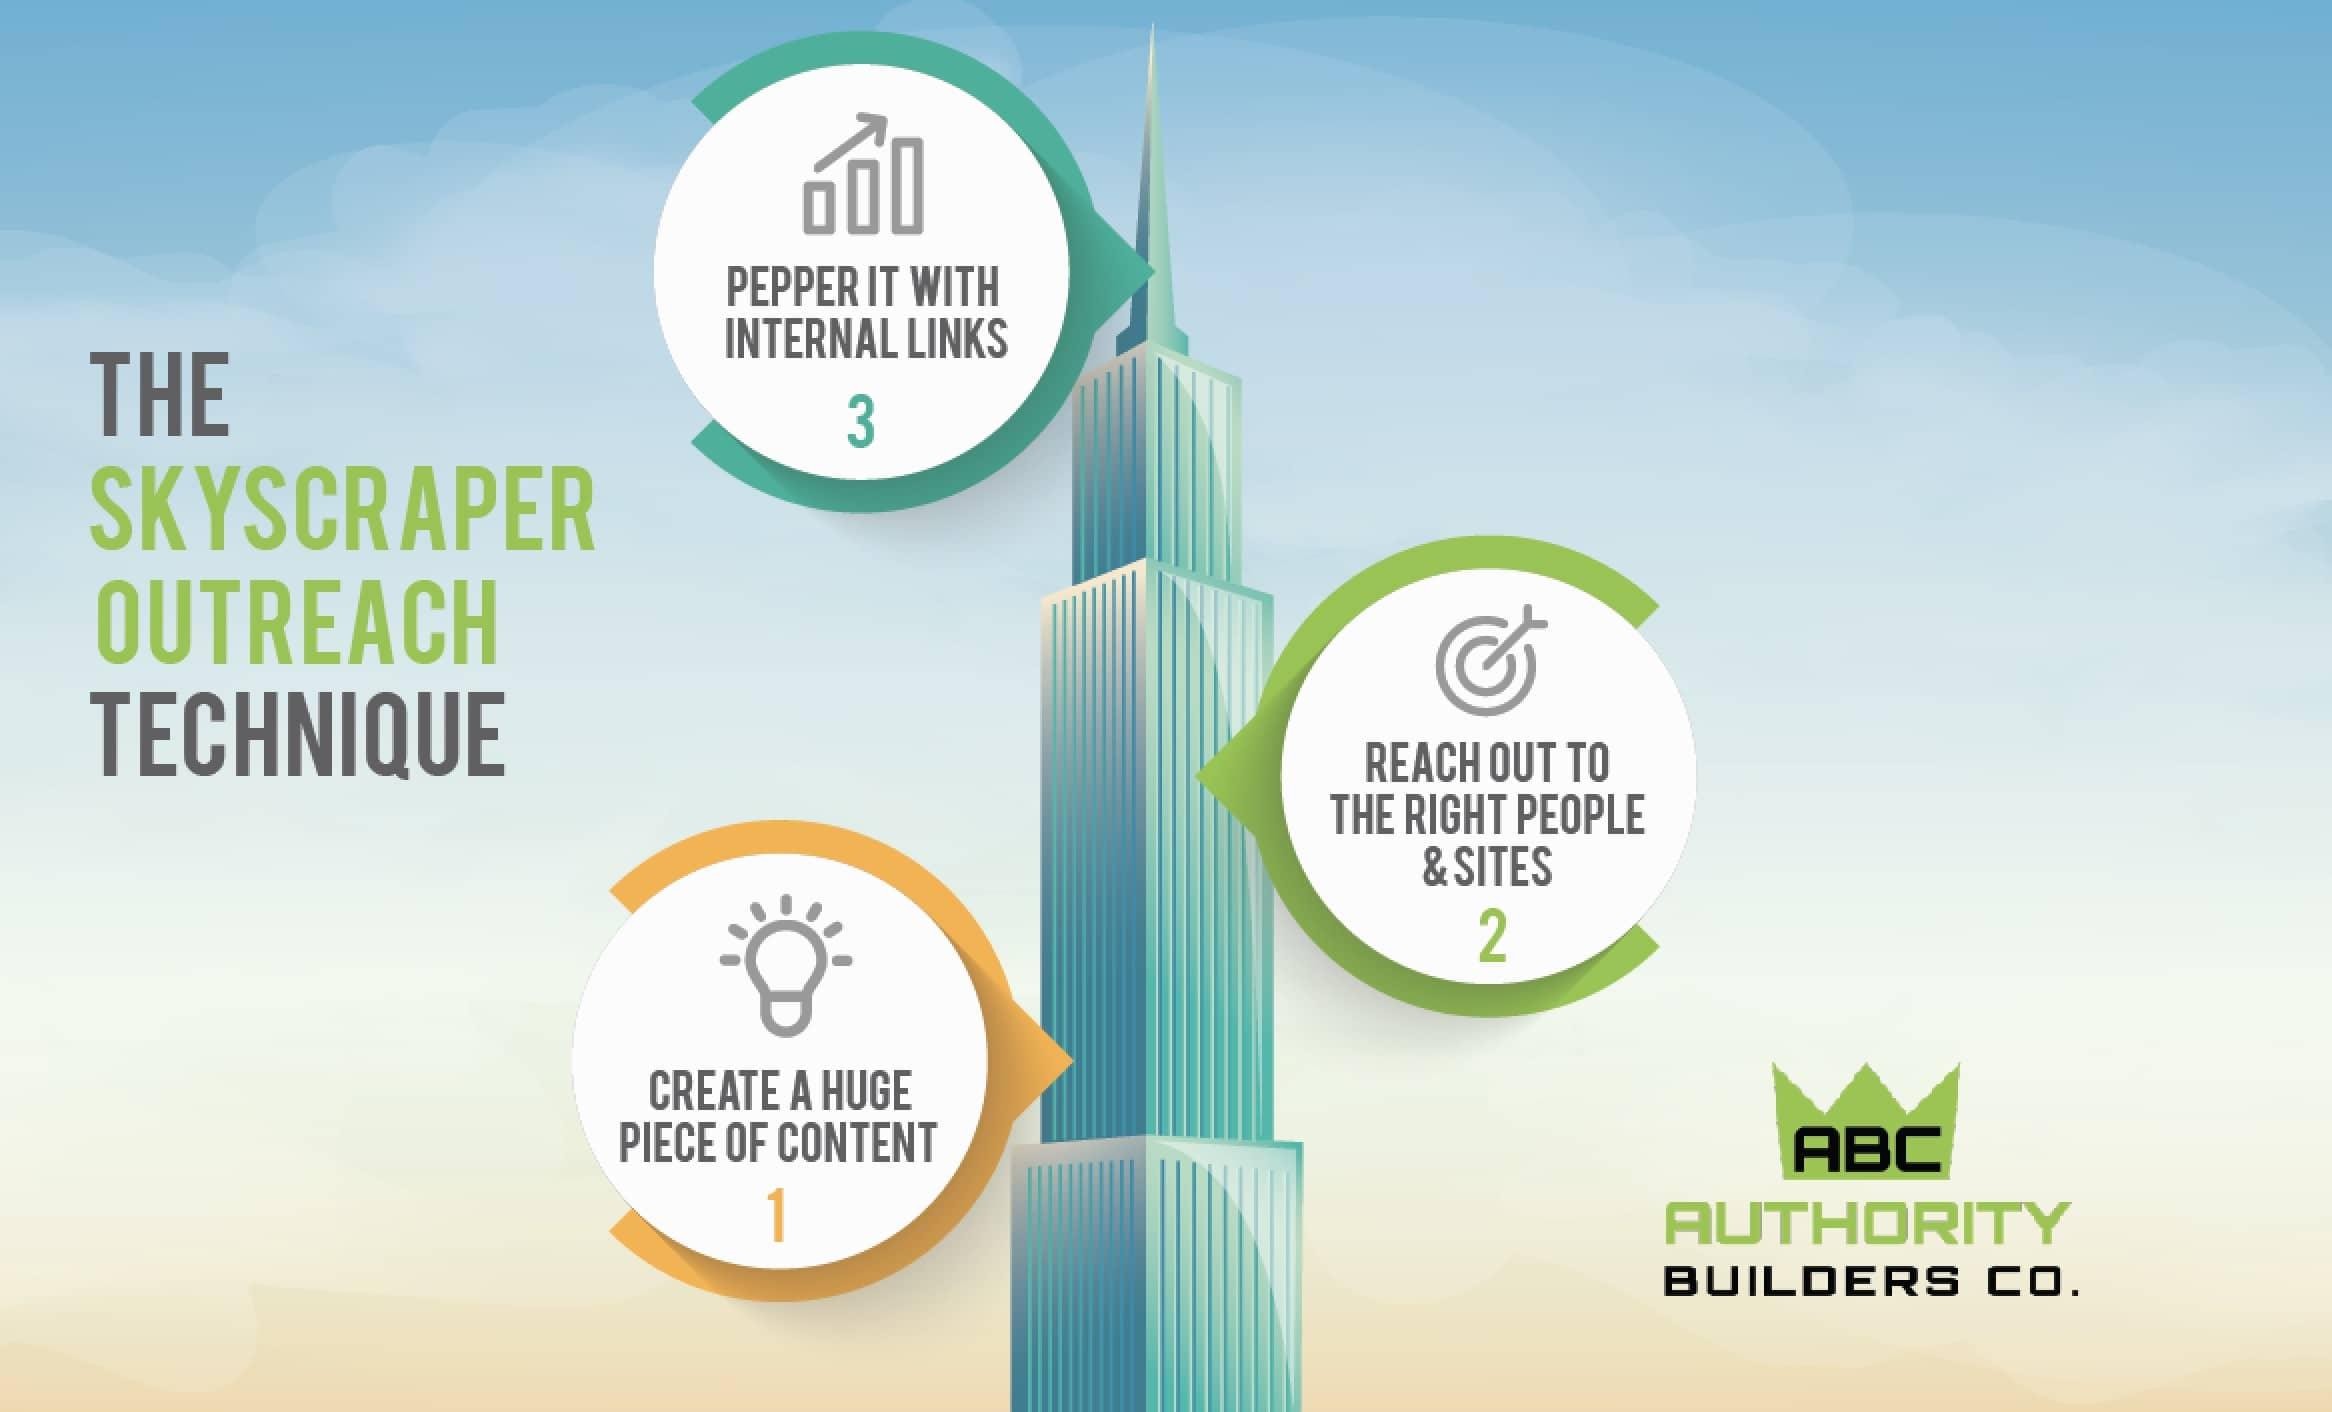 The Skyscraper Technique Illustration from ABC